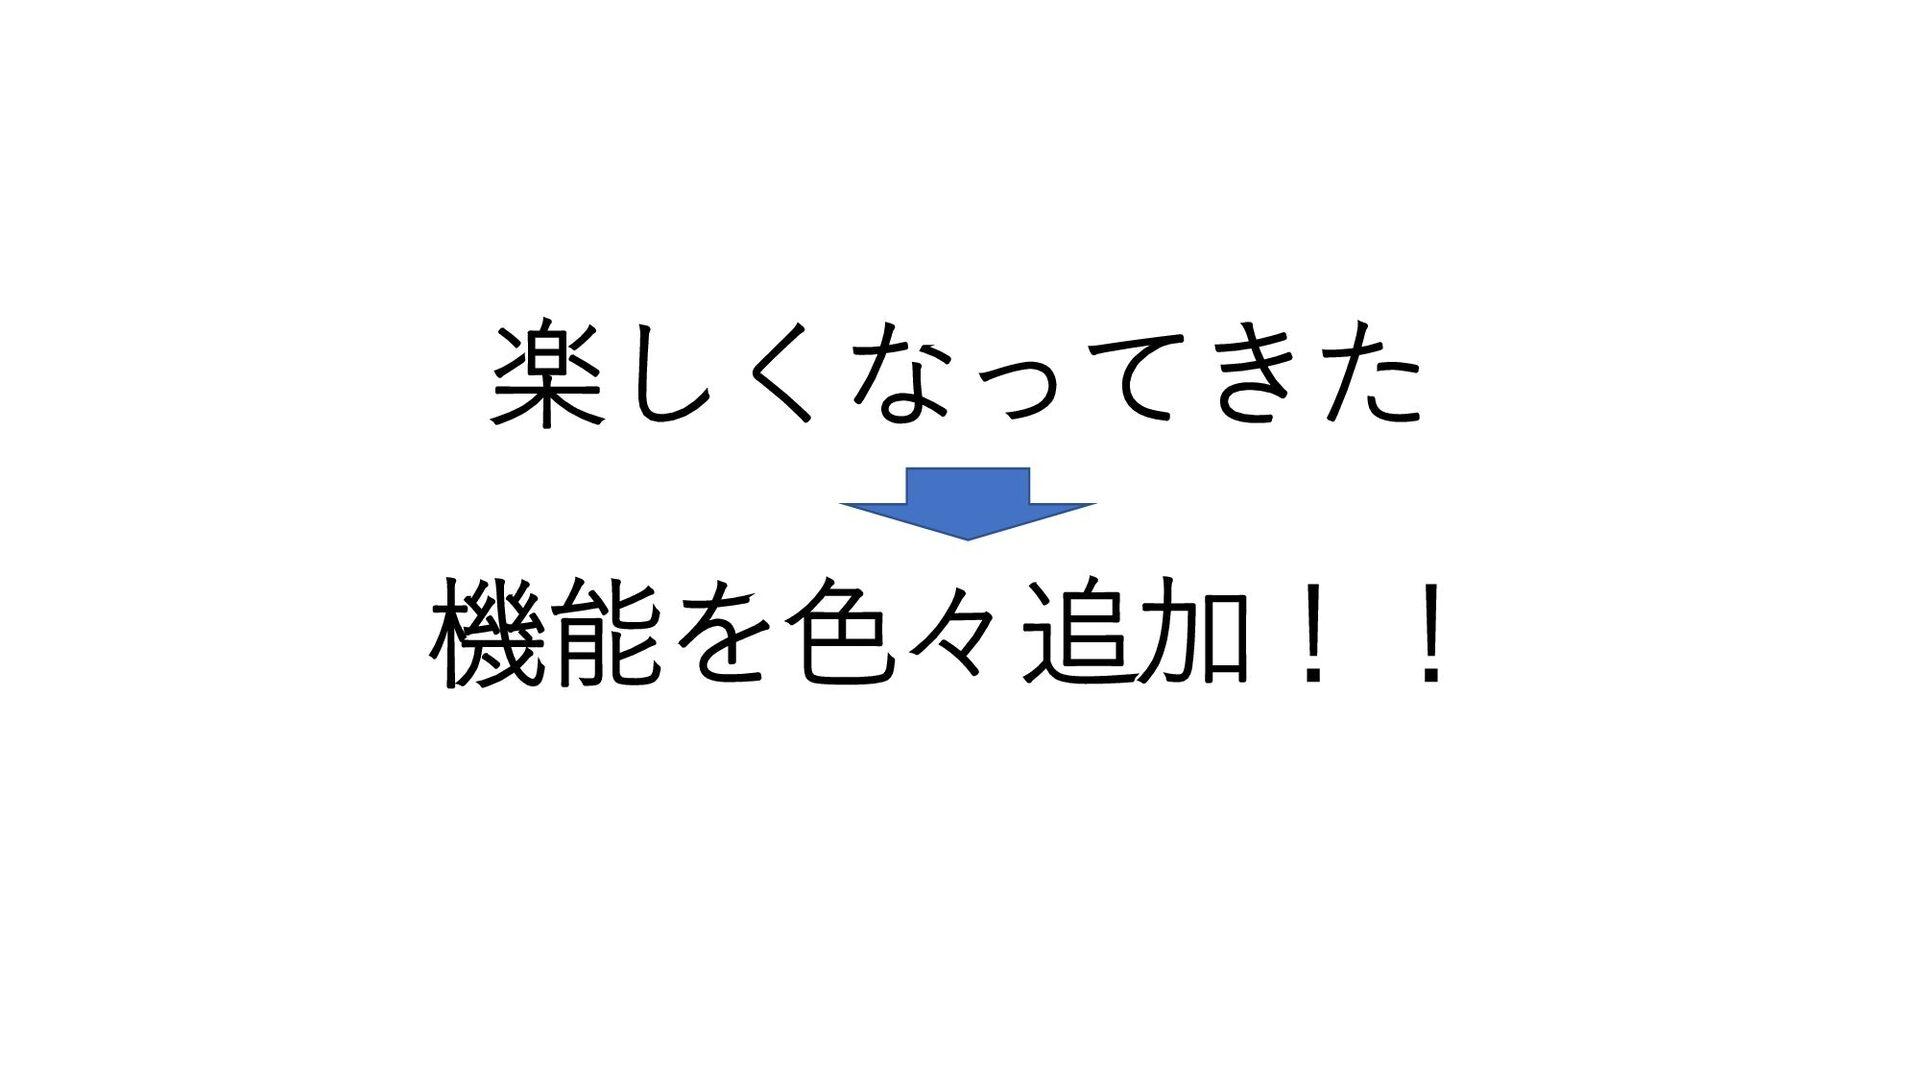 自動水やり機2号機(Obniz) • スマホからポンプを操作 ⇒開封から1時間で構築完了!!